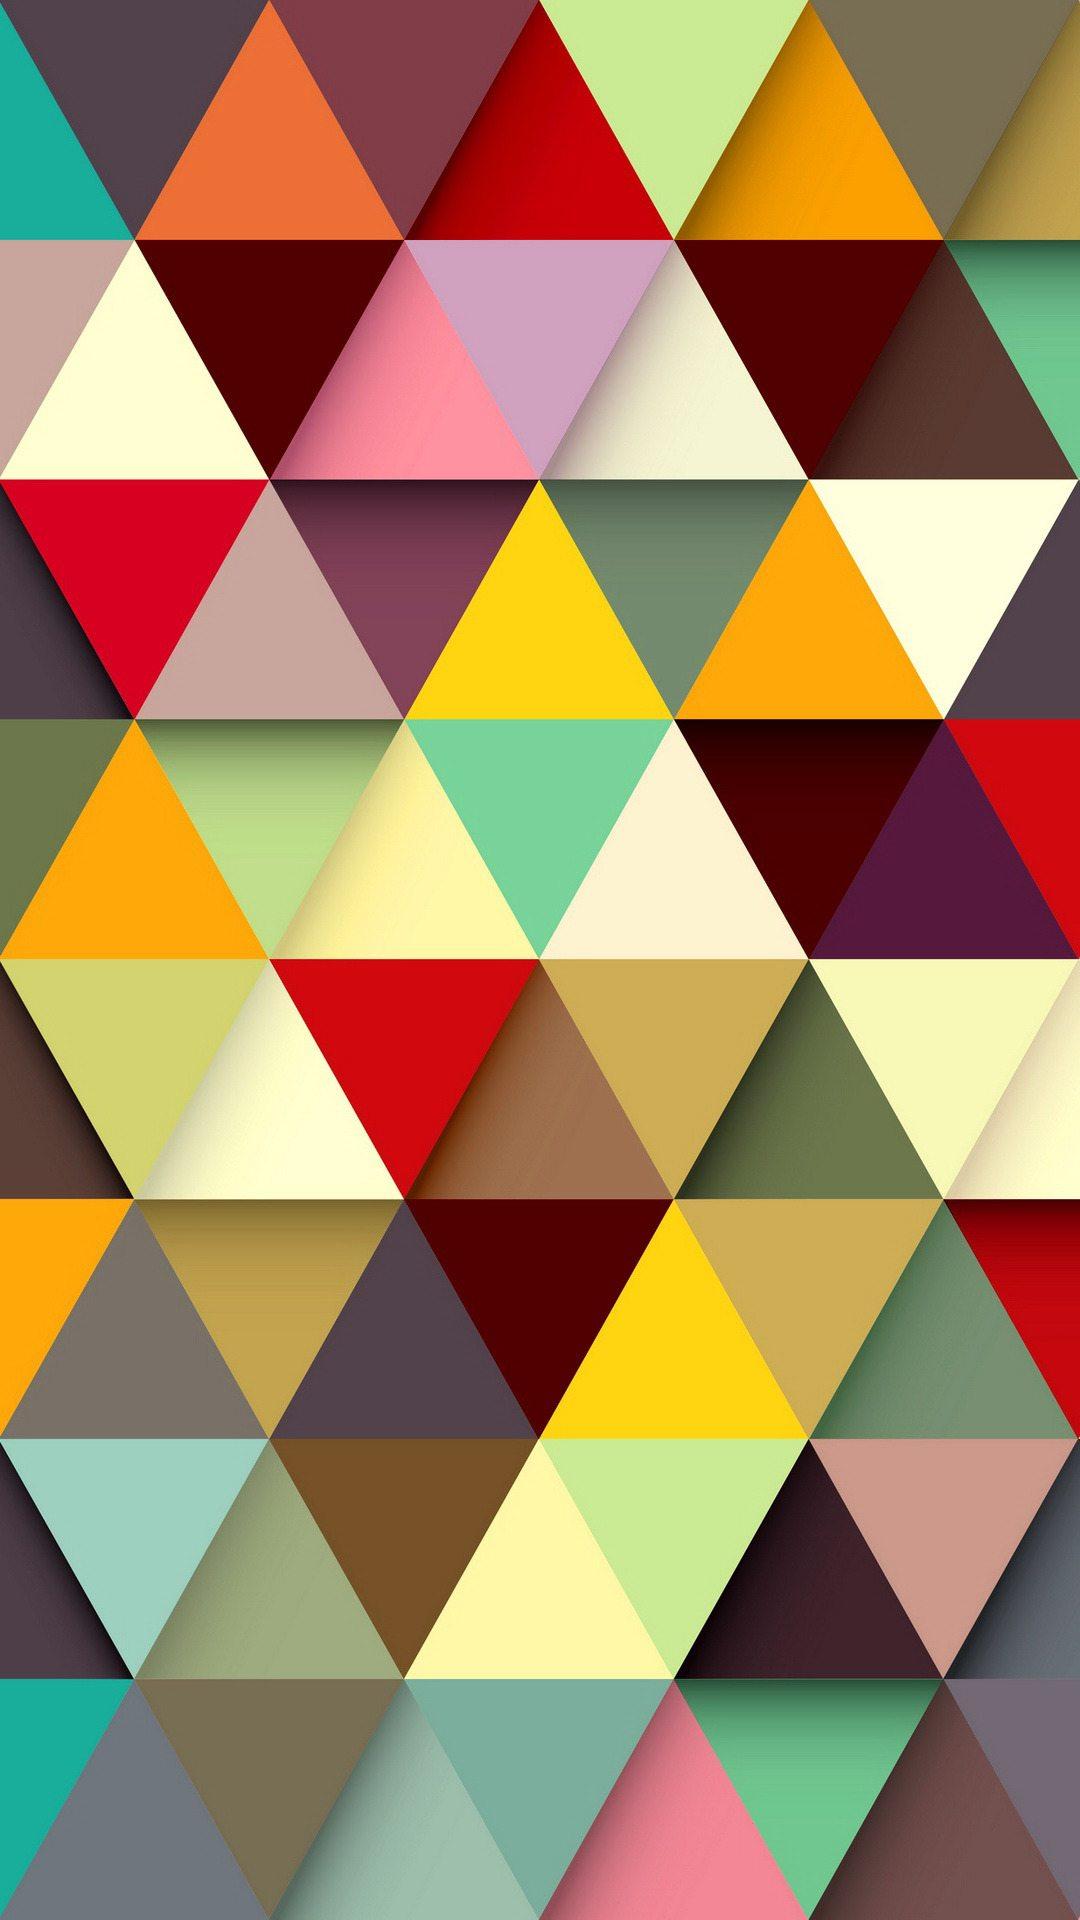 Papel de parede para celular wallpaper para celular for Papel de pared dorado